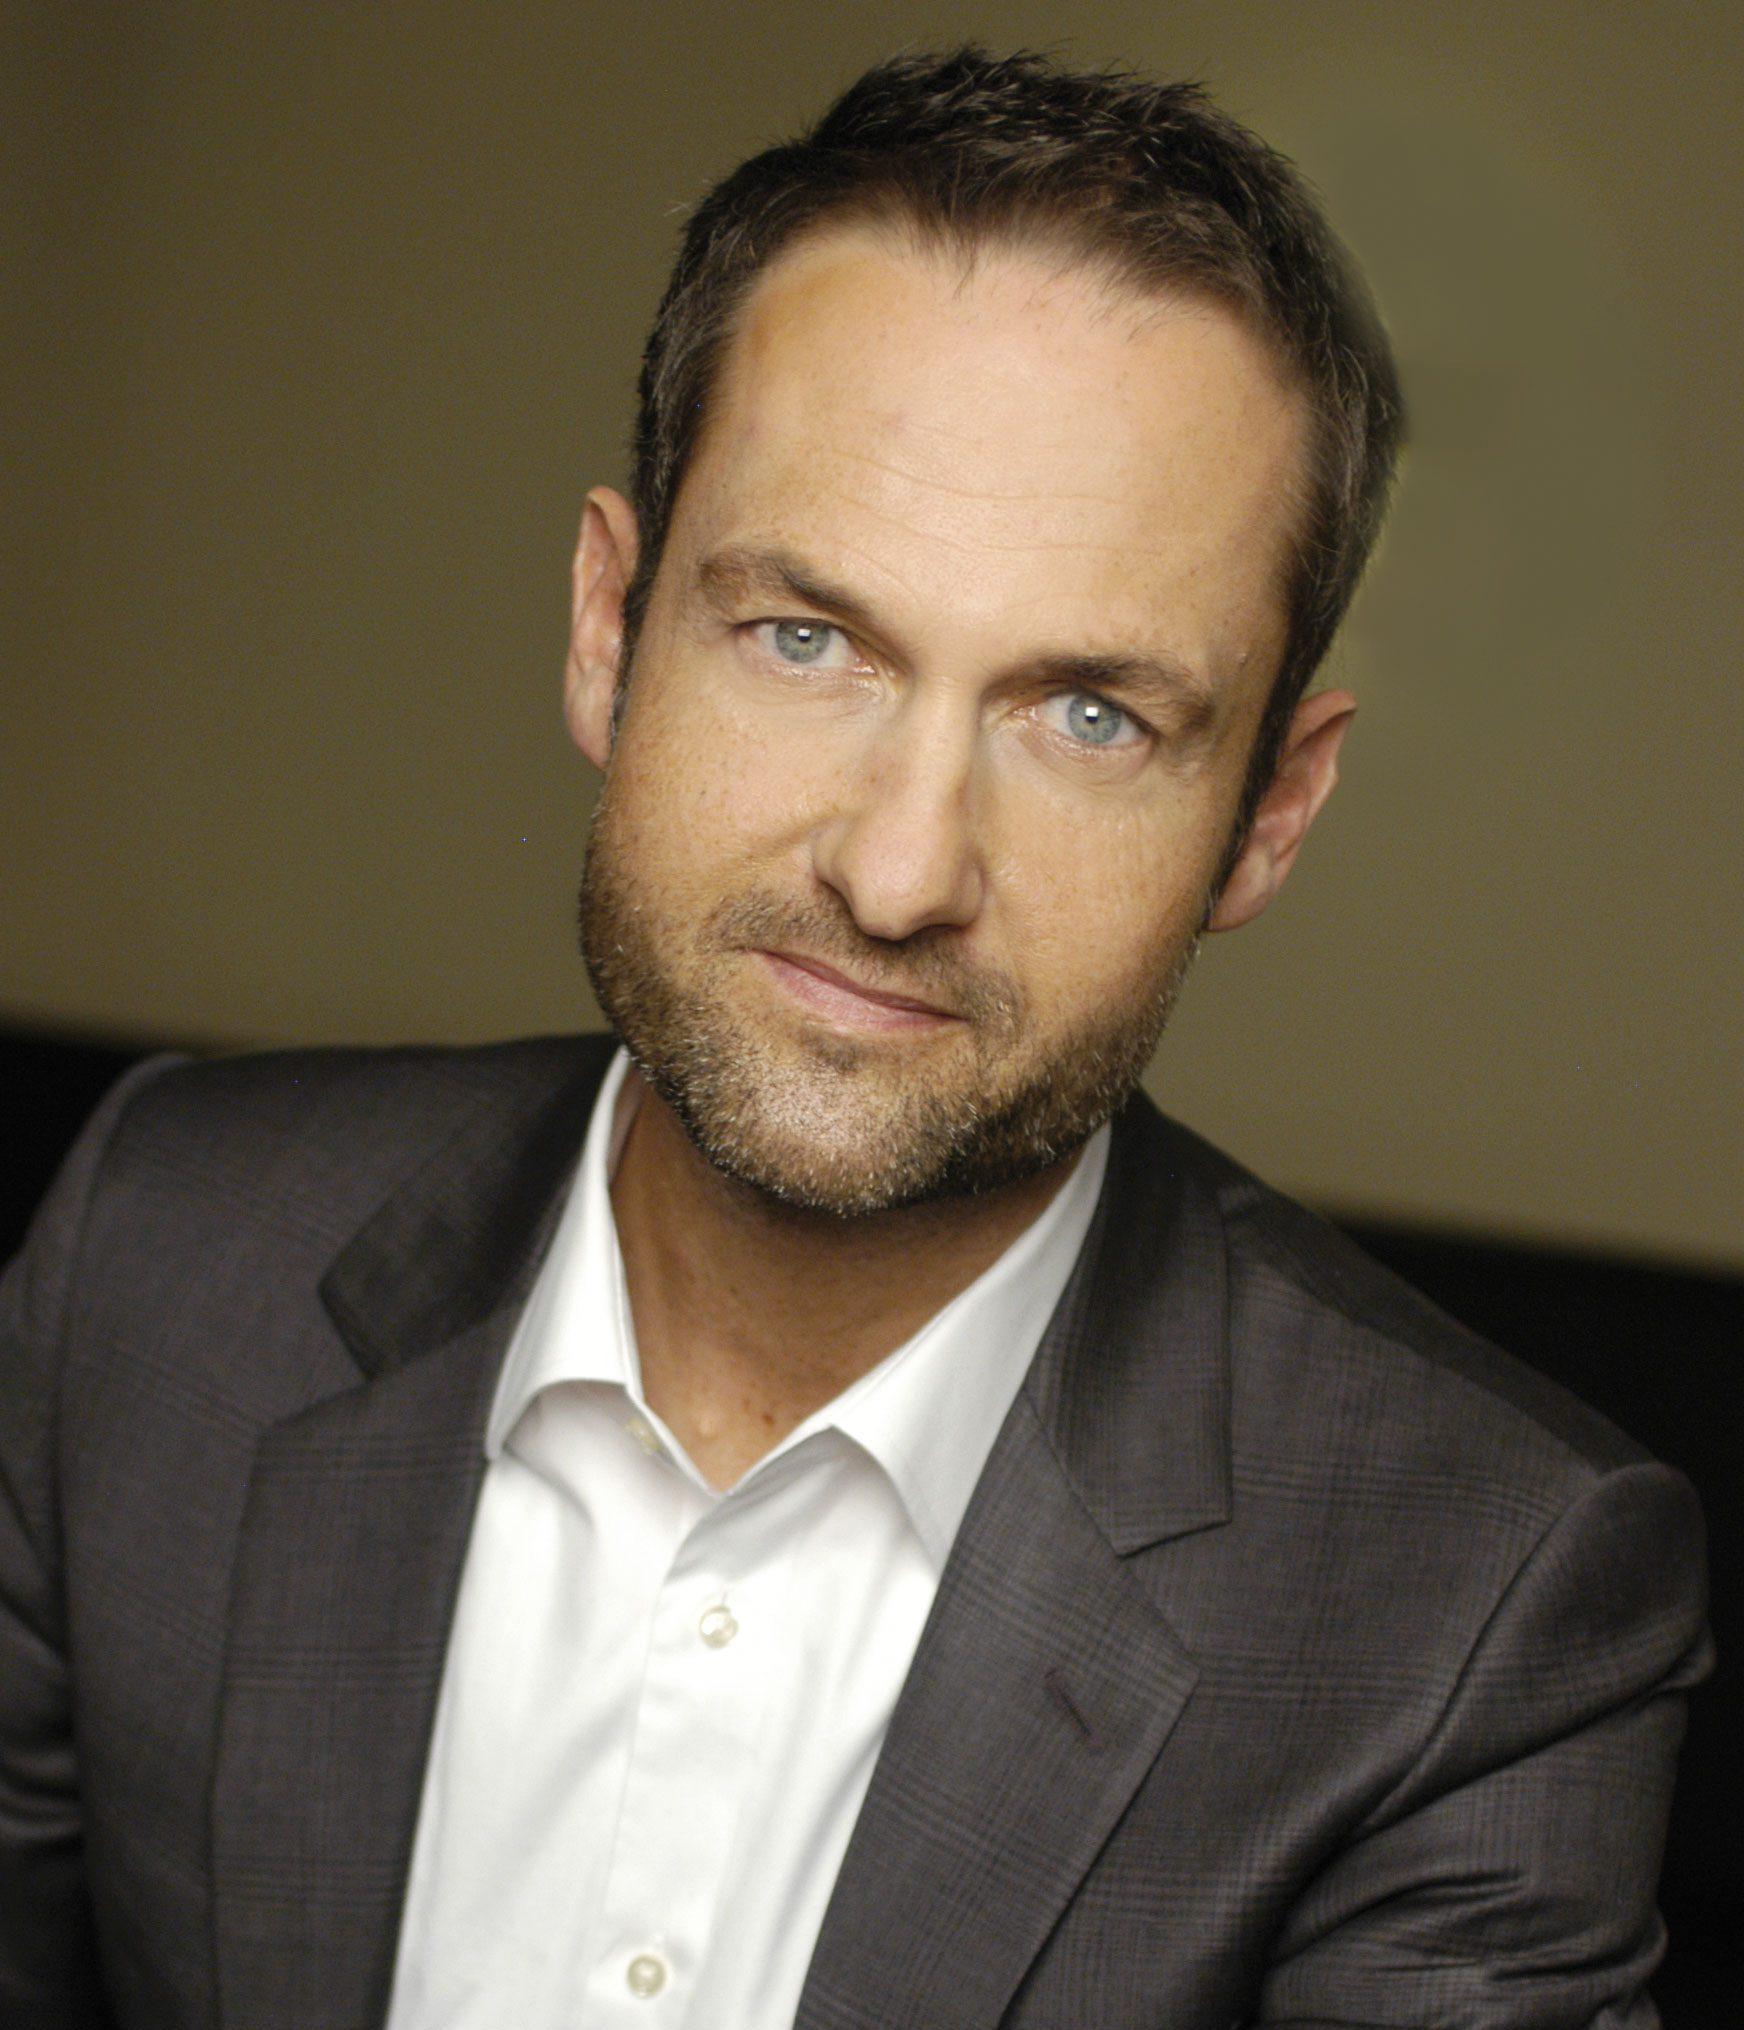 Markus Schollmeyer